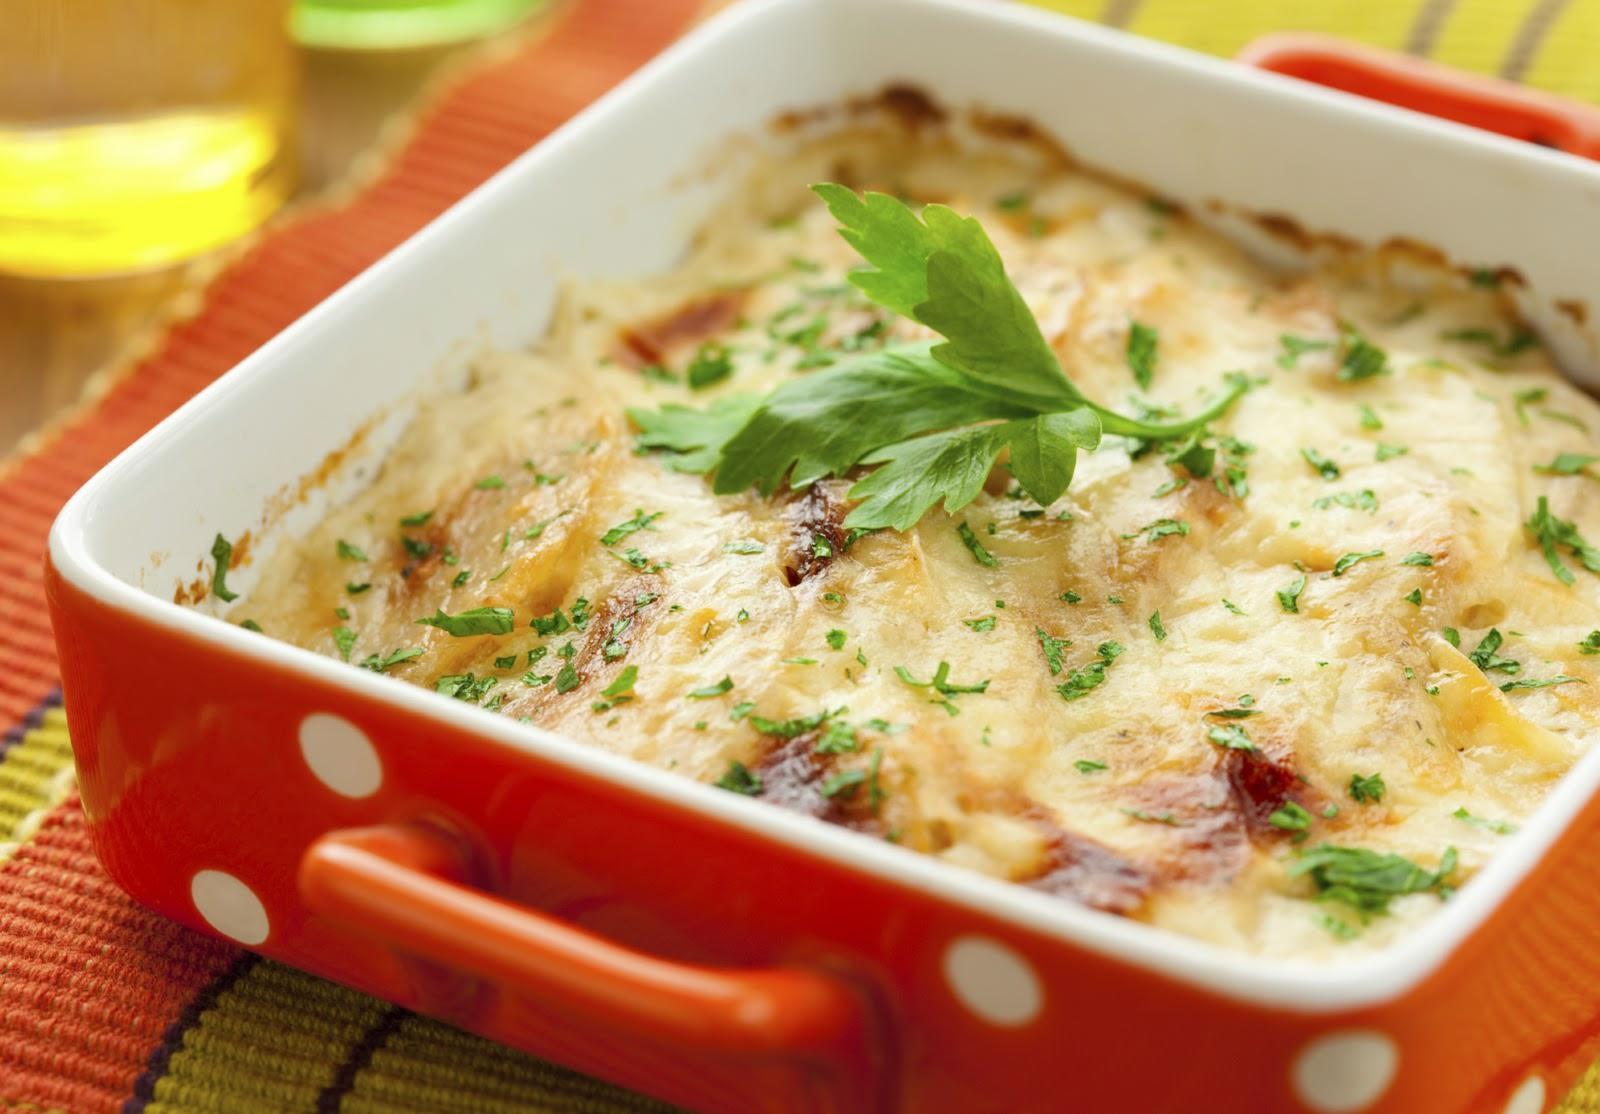 Ассорти из овощей и рисовой каши делает запеканку не только вкусной, но и питательной